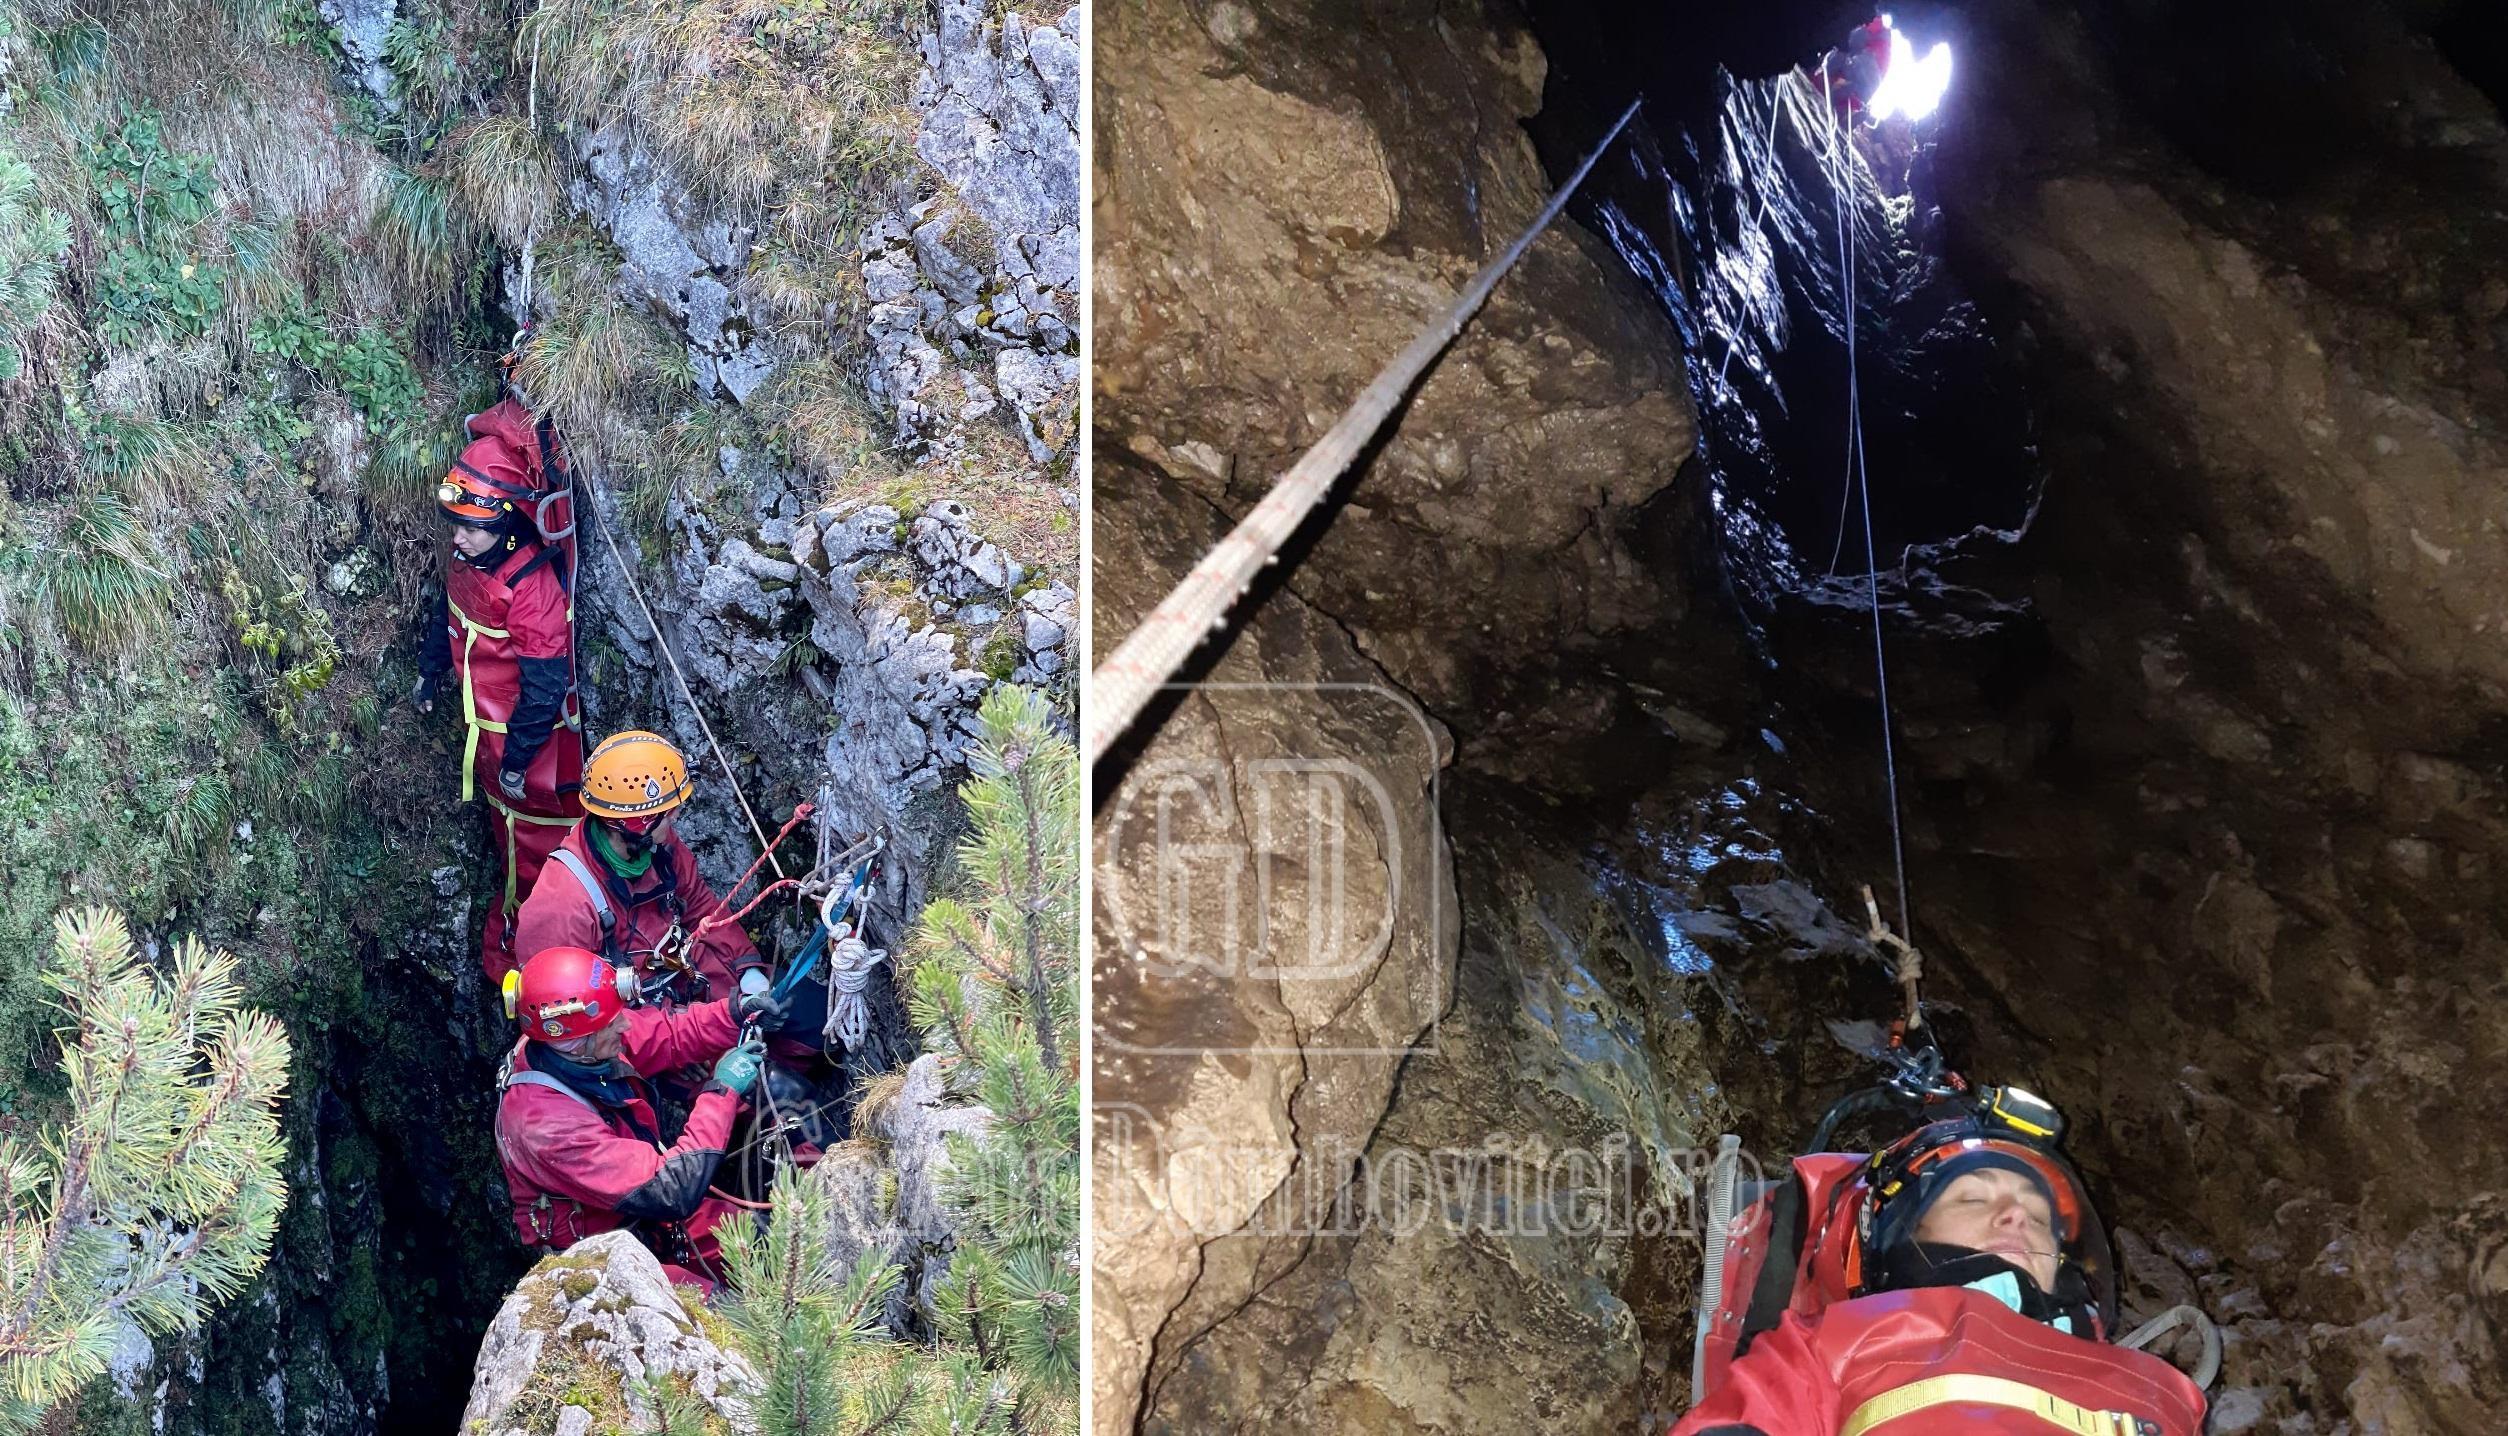 Exercițiu de salvare în Avenul de sub Colții Țapului, cel mai adânc aven din județul Dâmbovița